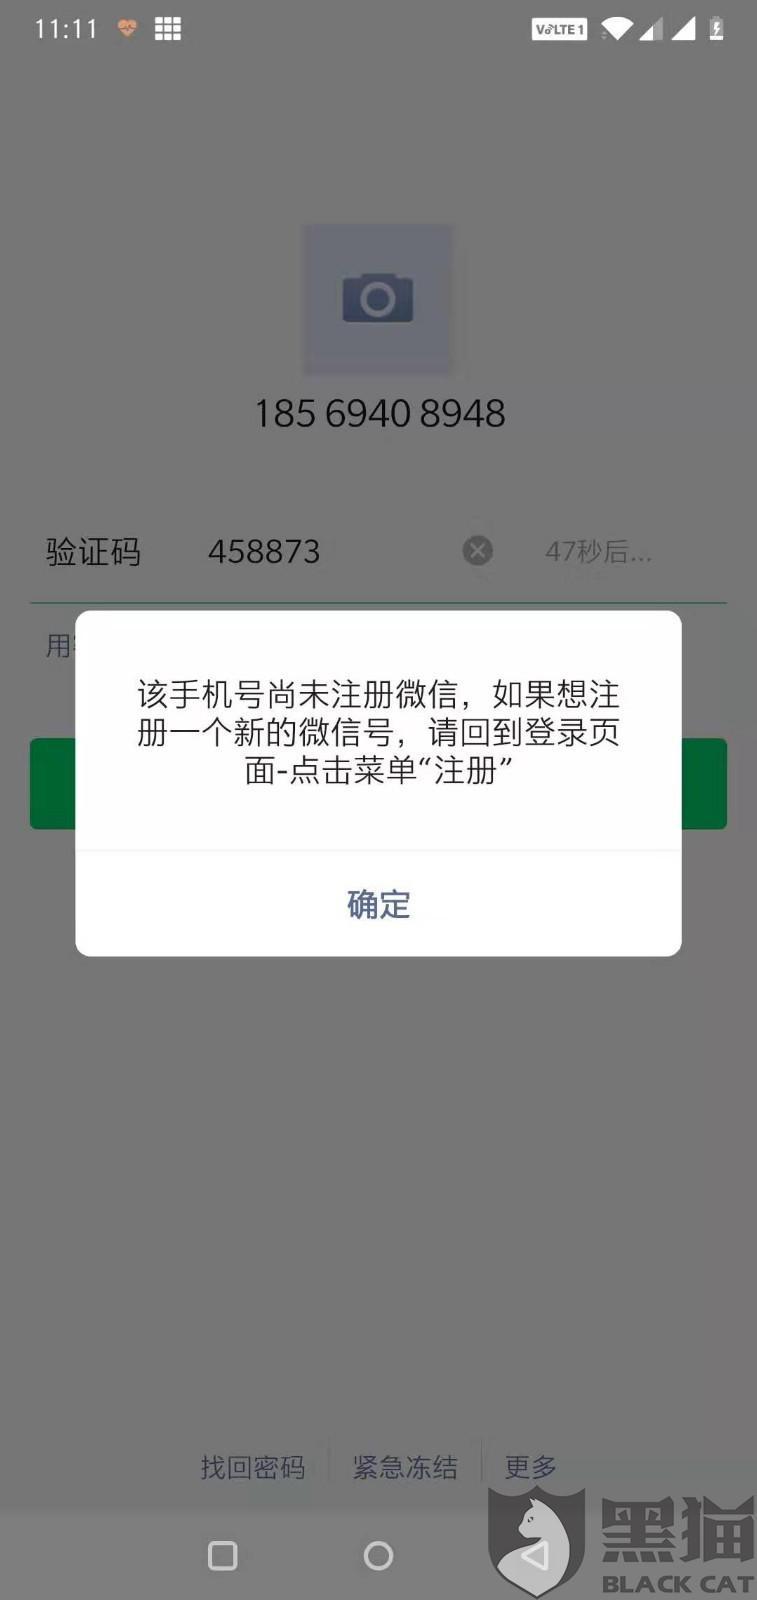 黑猫投诉:交易猫购买的安卓微信王者荣耀号被卖家找回